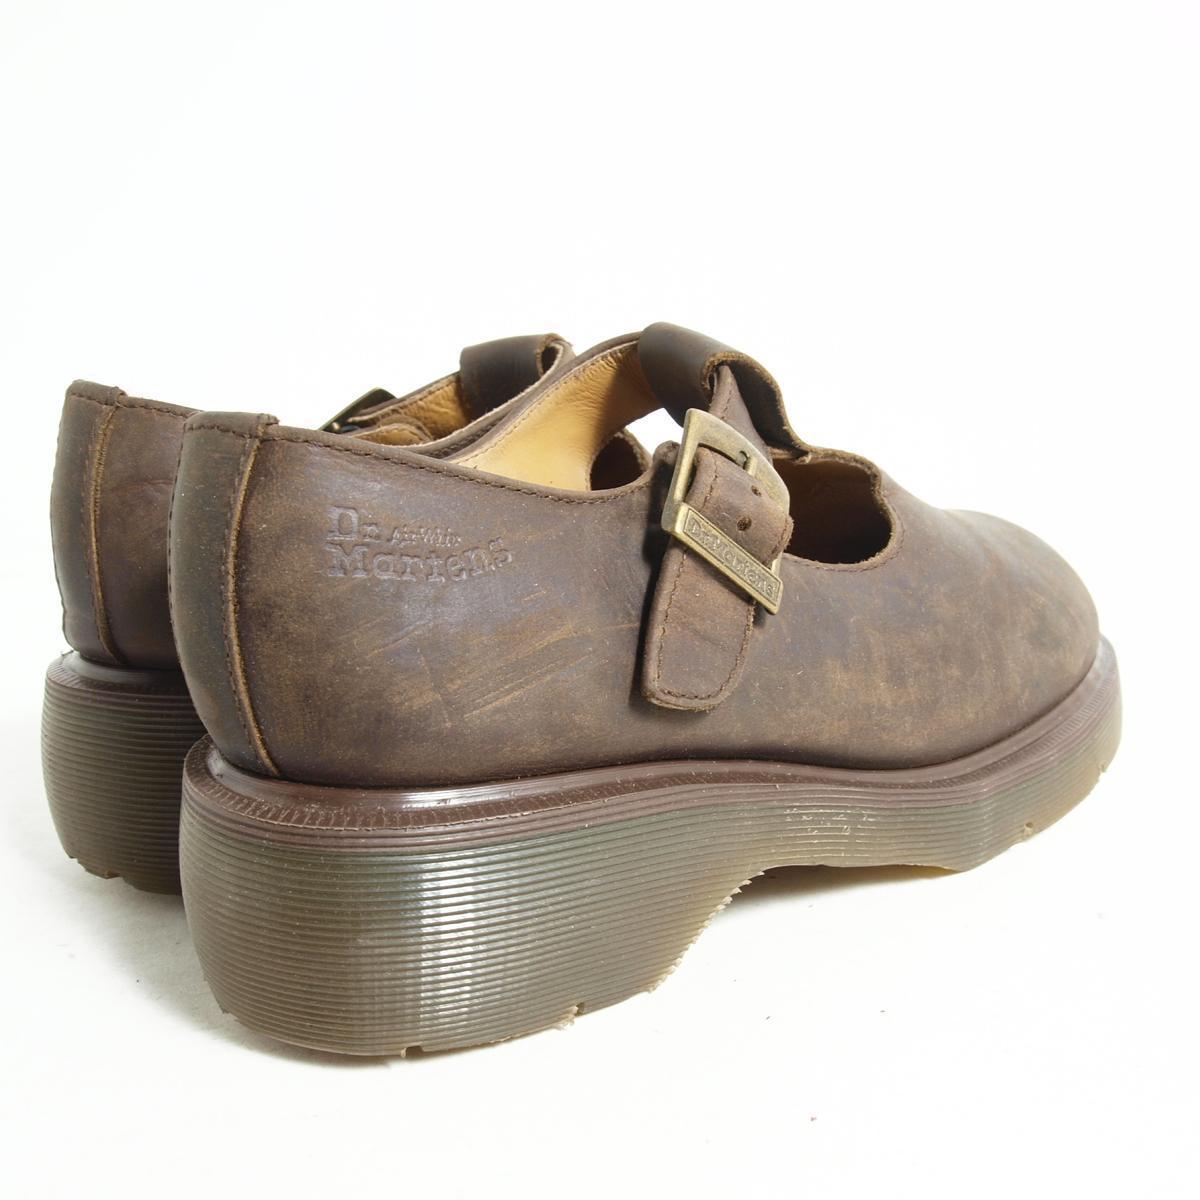 Strap shoes UK7 men 25.5cm Dr.Martens /bok7455 made in the doctor Martin U.K.